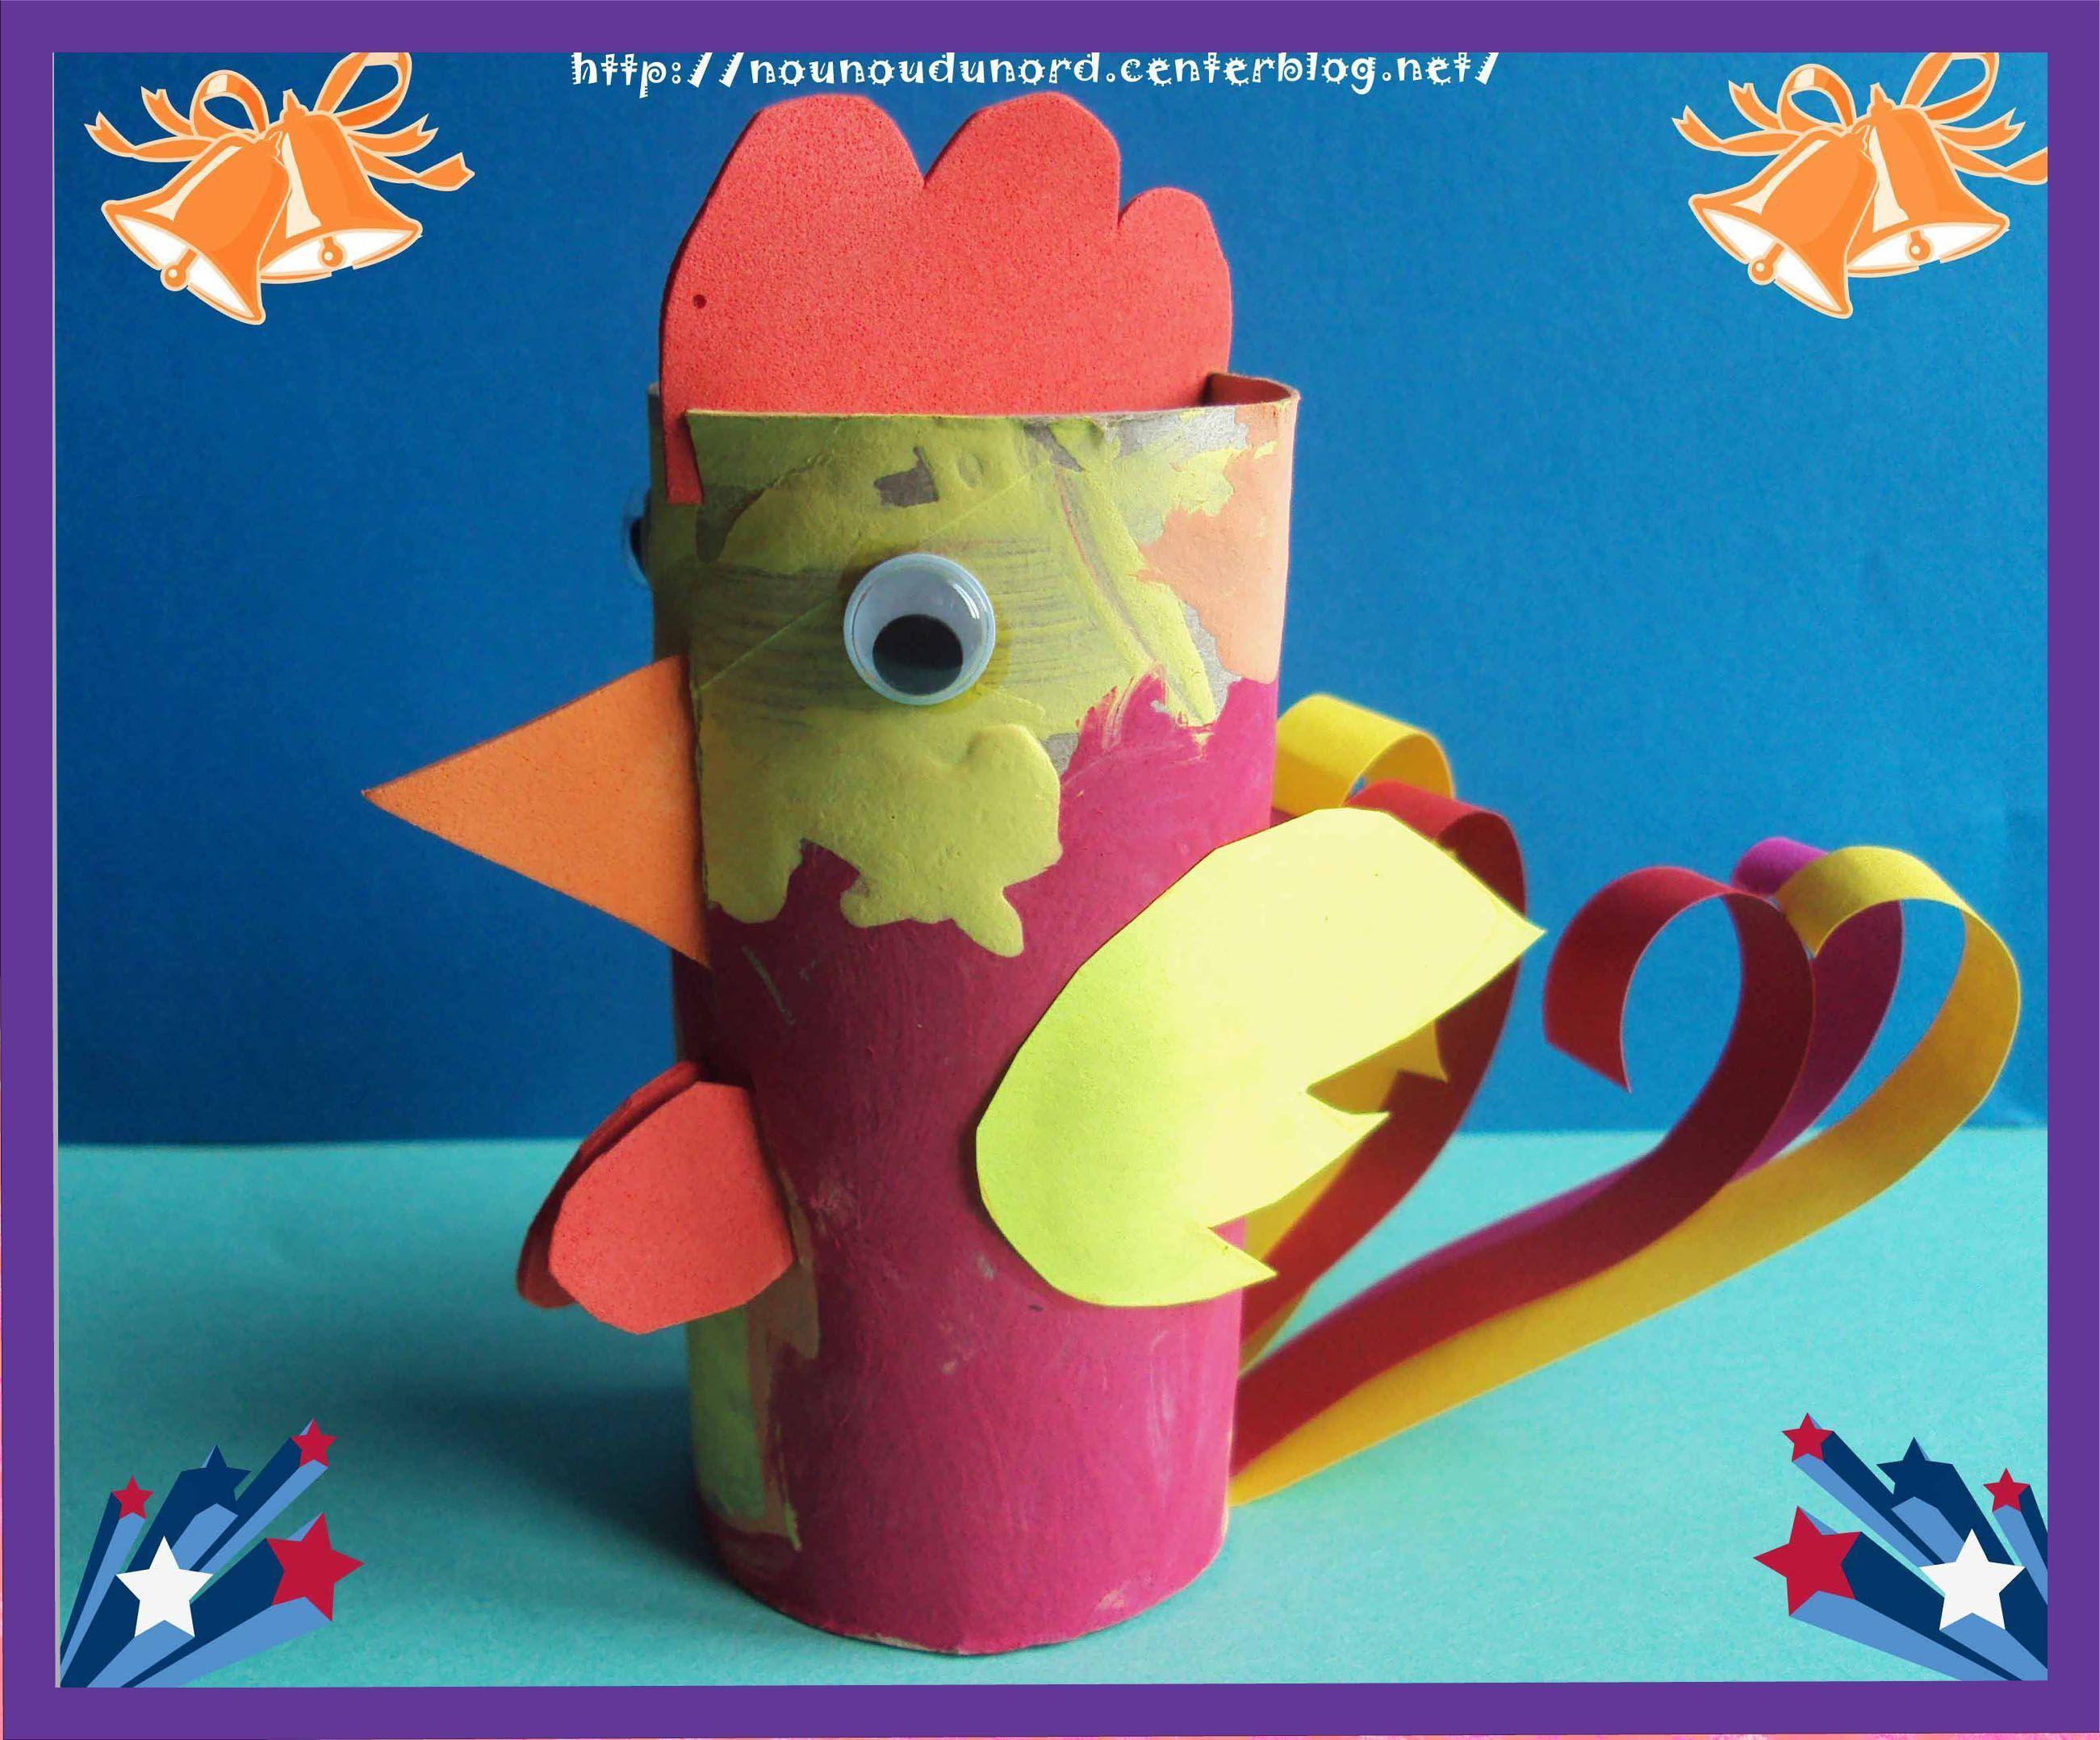 Coq de p ques r alis avec rouleau de papier wc 2011 - Activite manuelle avec du papier ...